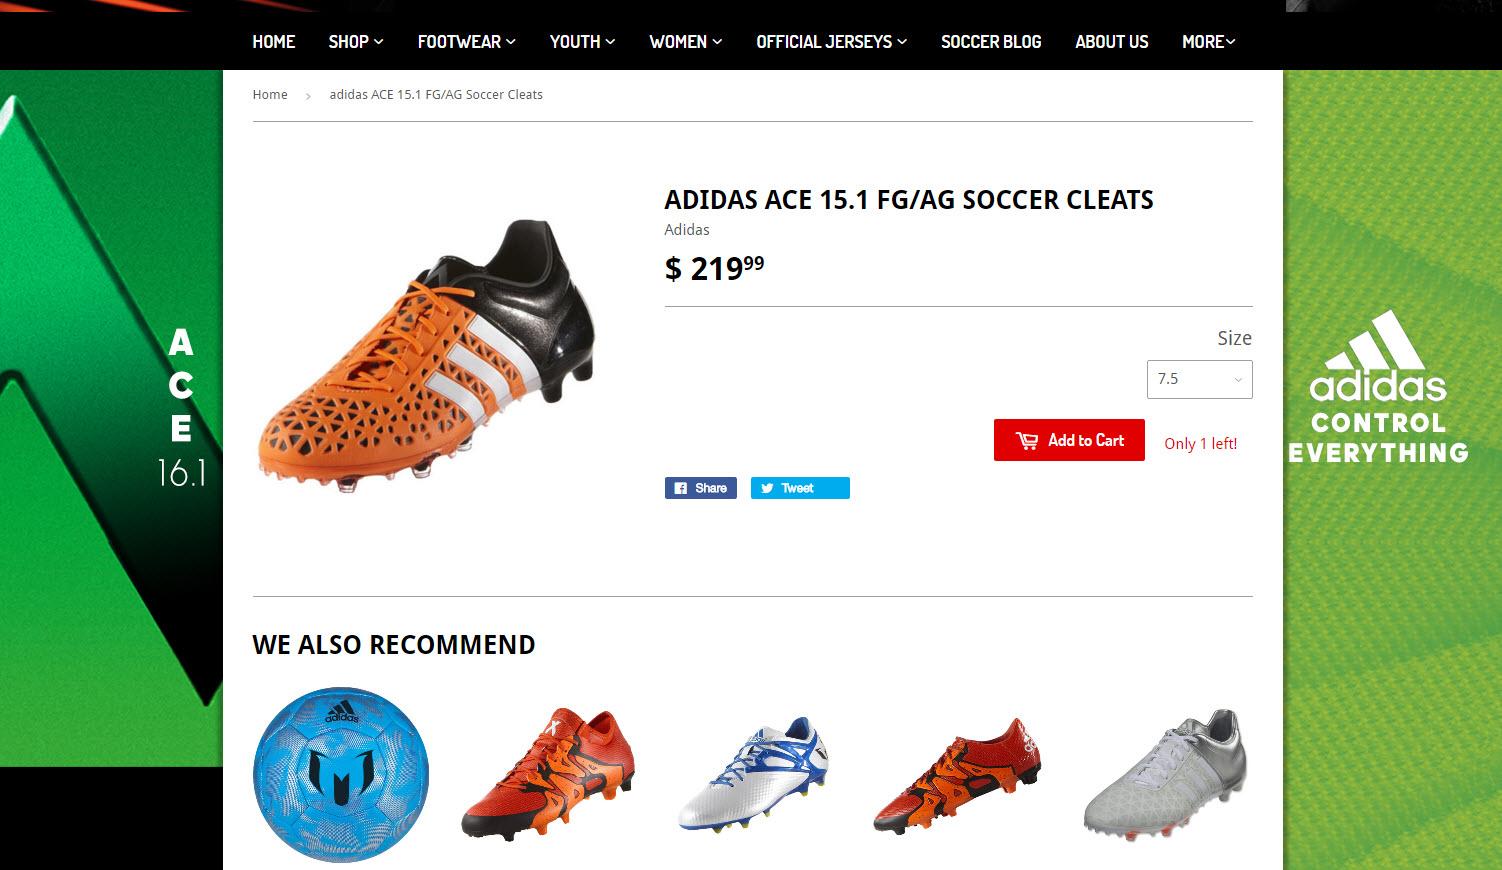 Aggressive Soccer - Details